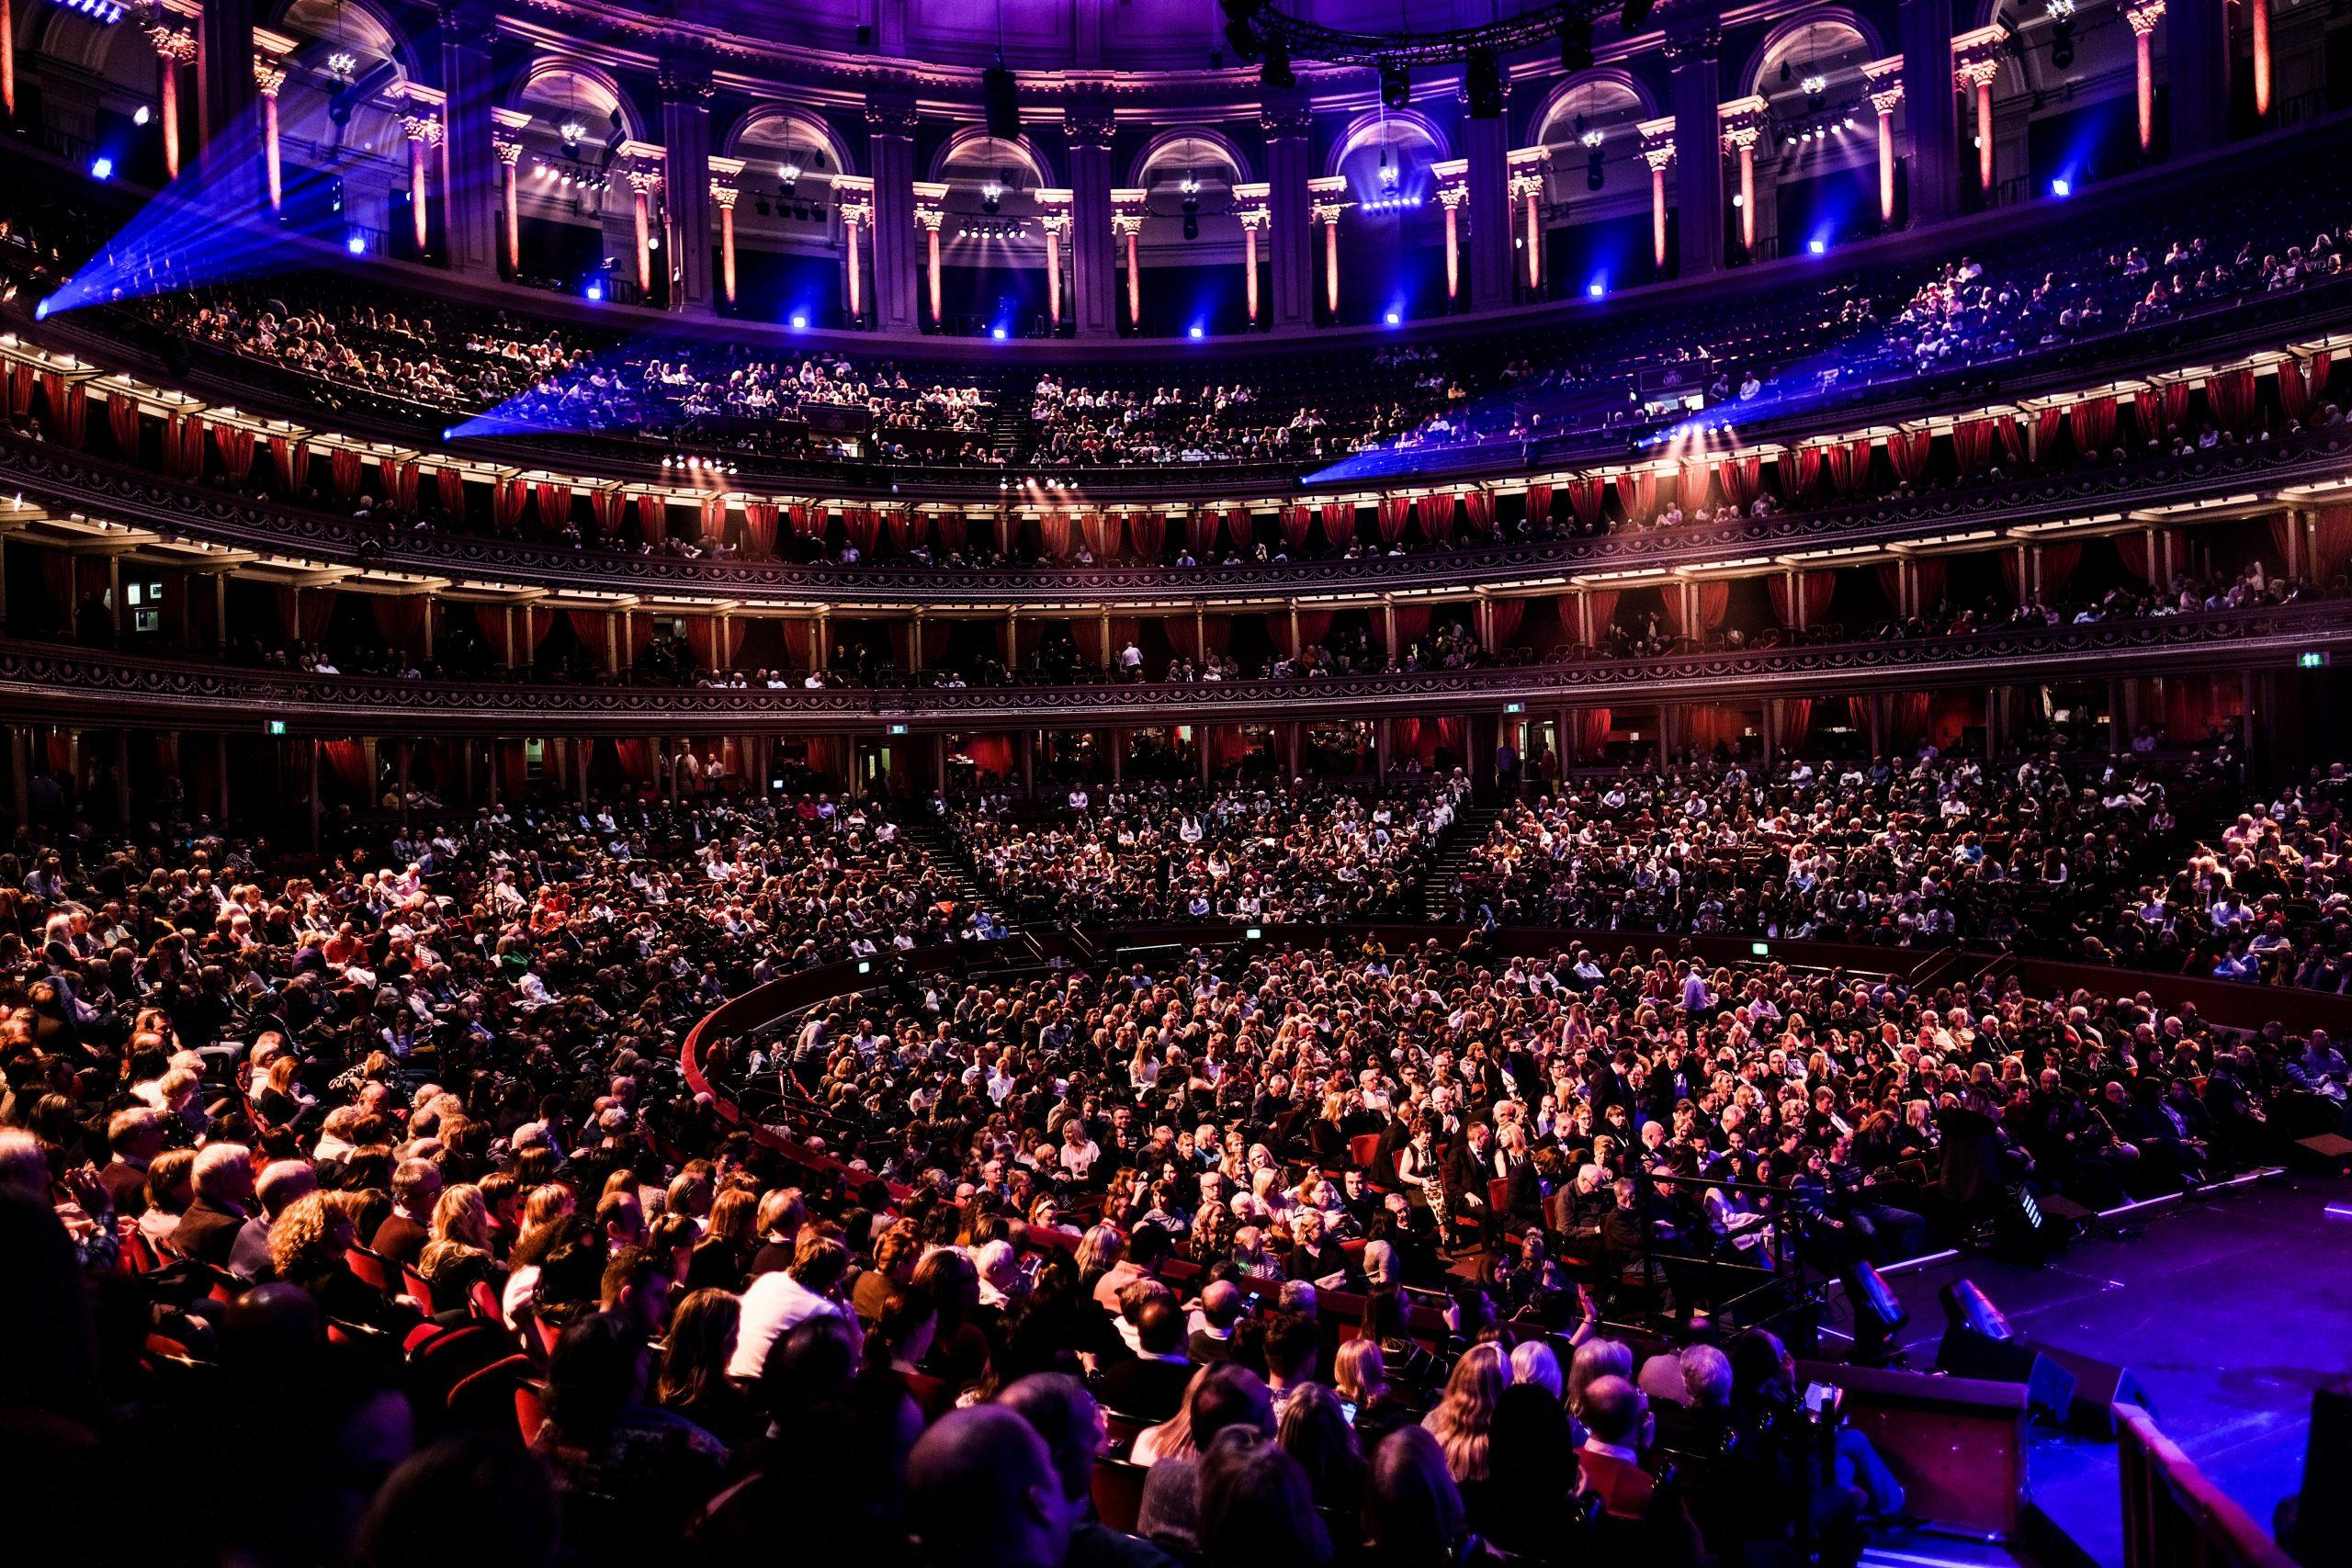 Royal Albert Hall audience